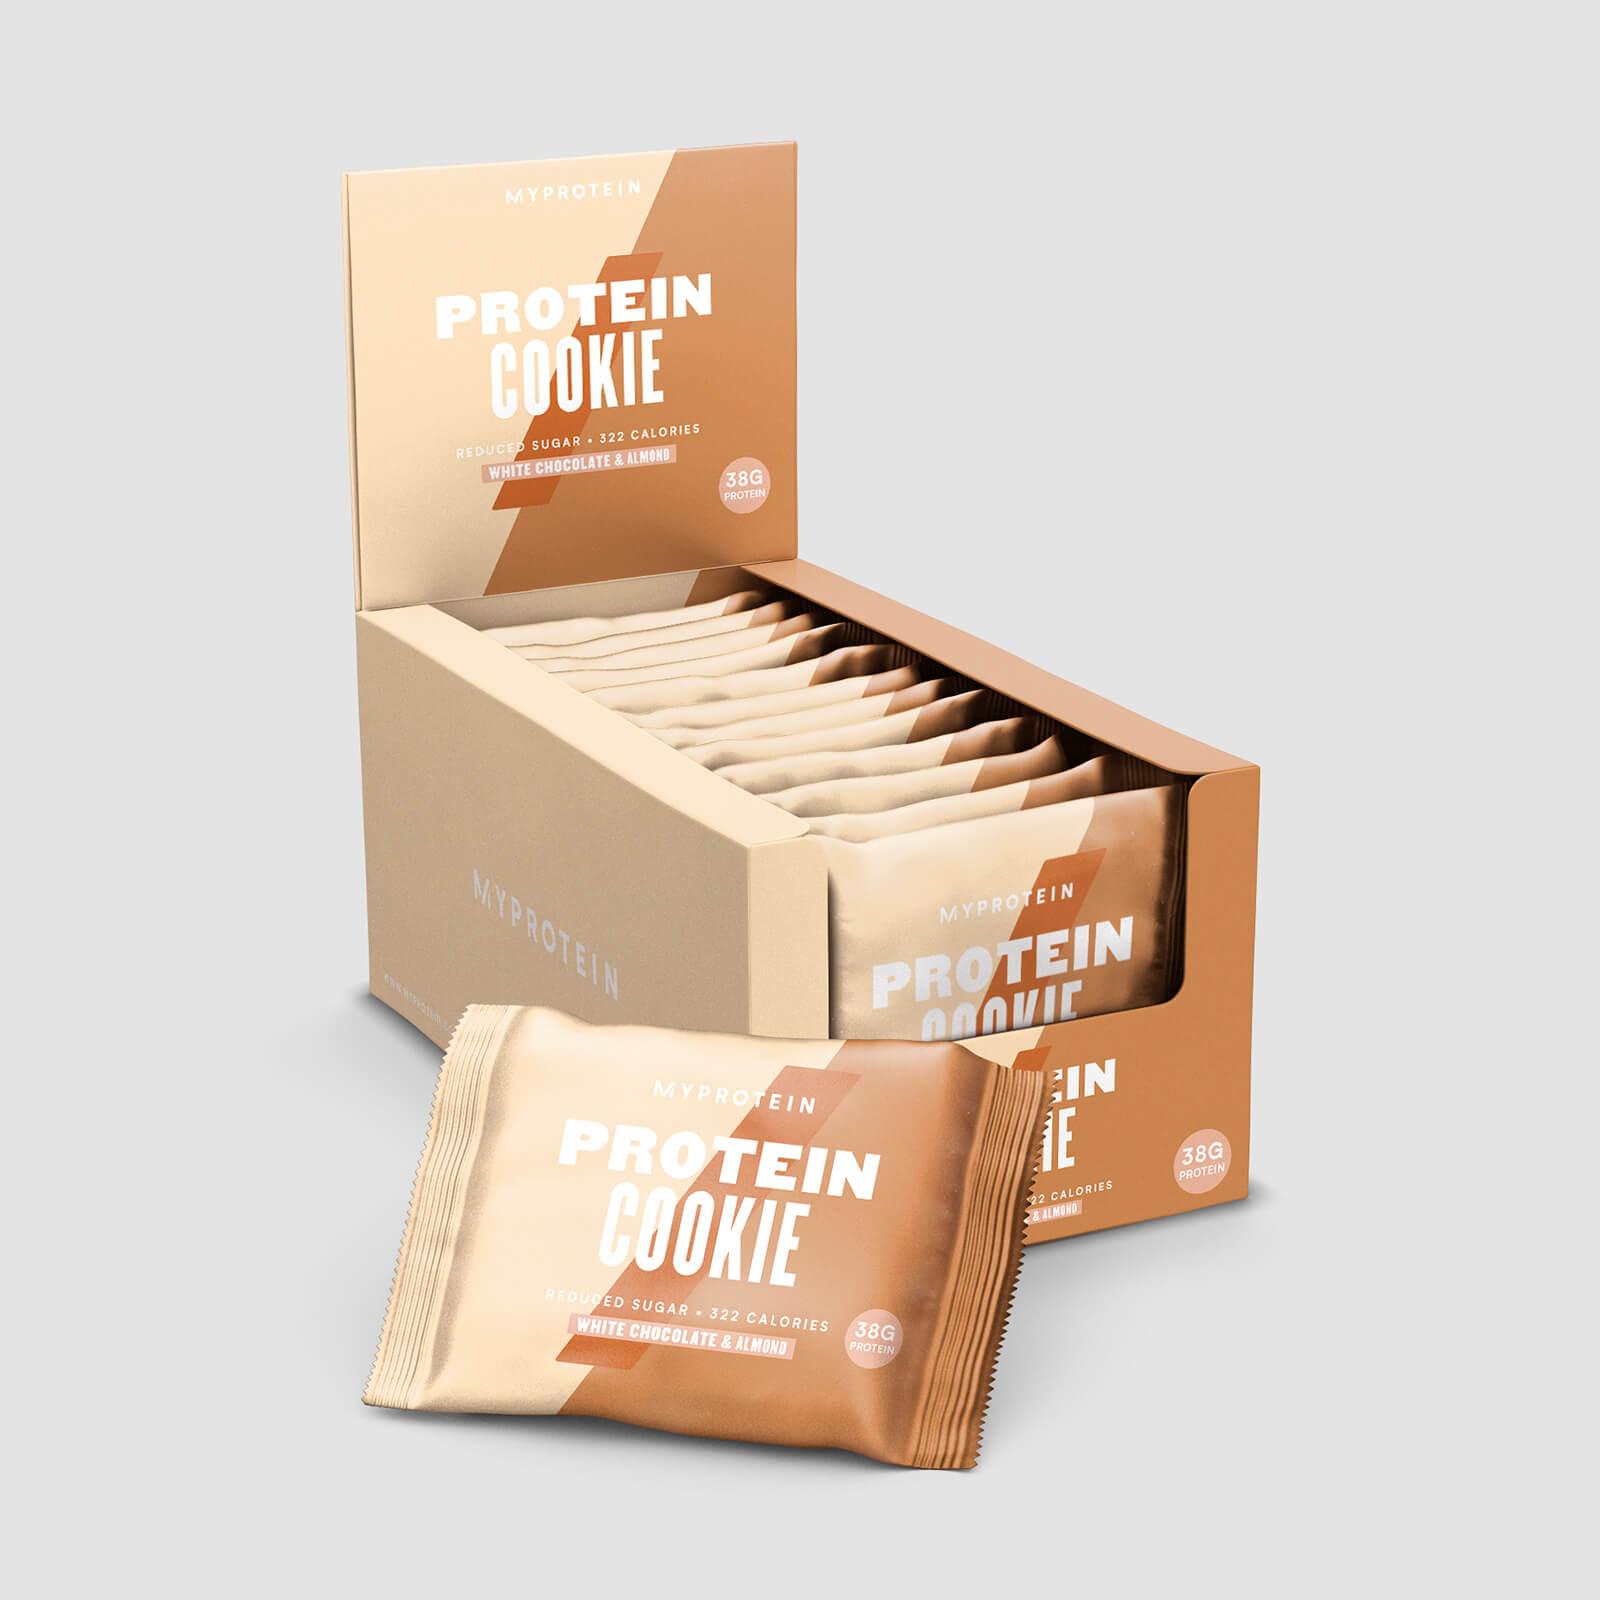 Cookie Protéiné - Chocolat blanc aux amandes